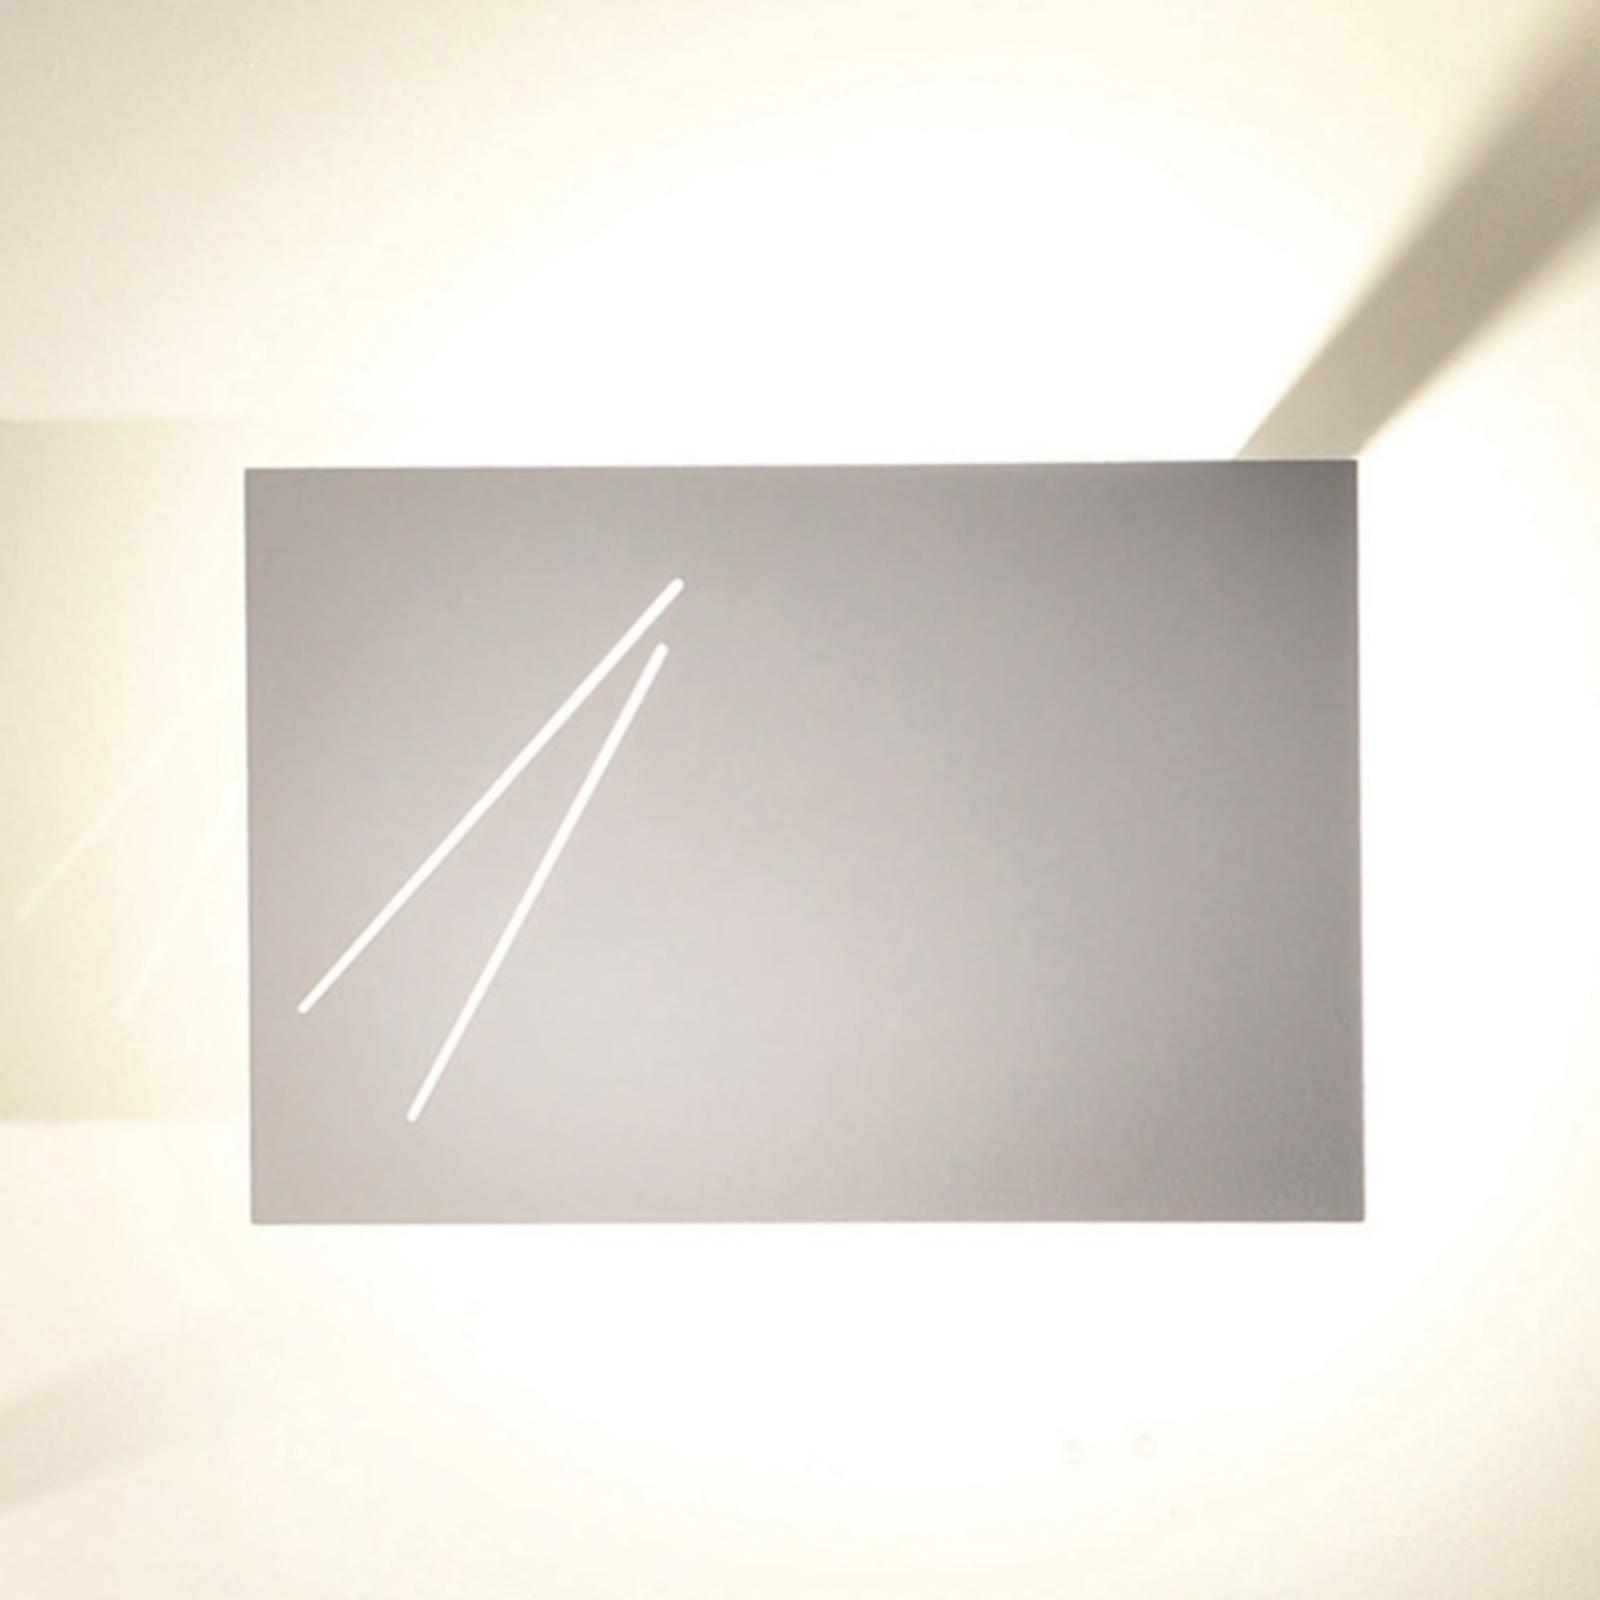 Knikerboker Des.agn - Designer-Wandlampe, weiß